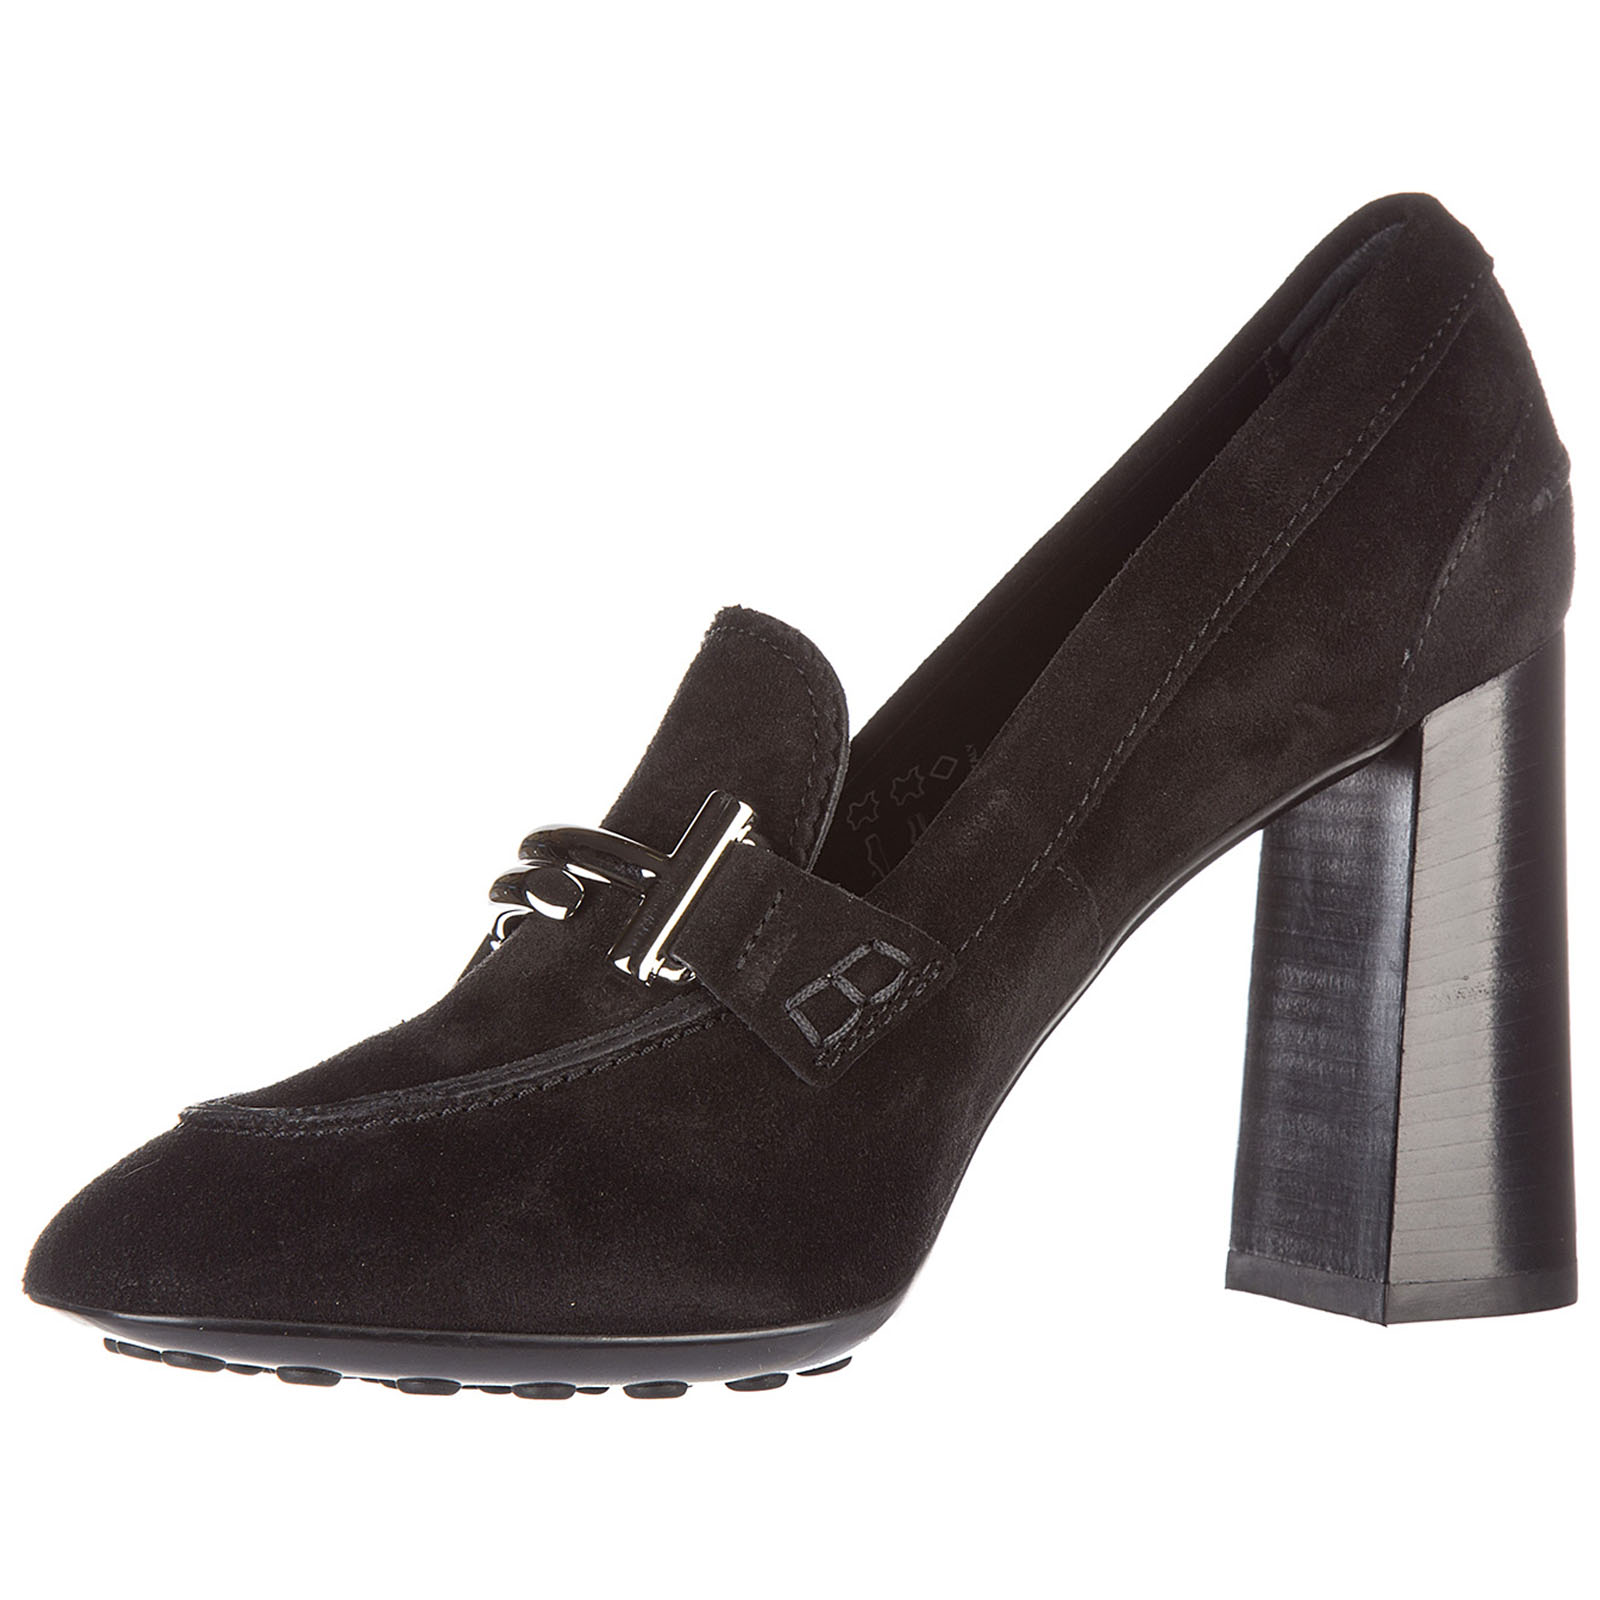 Zapatos de salón escotes mujer en ante gomma maxi double t